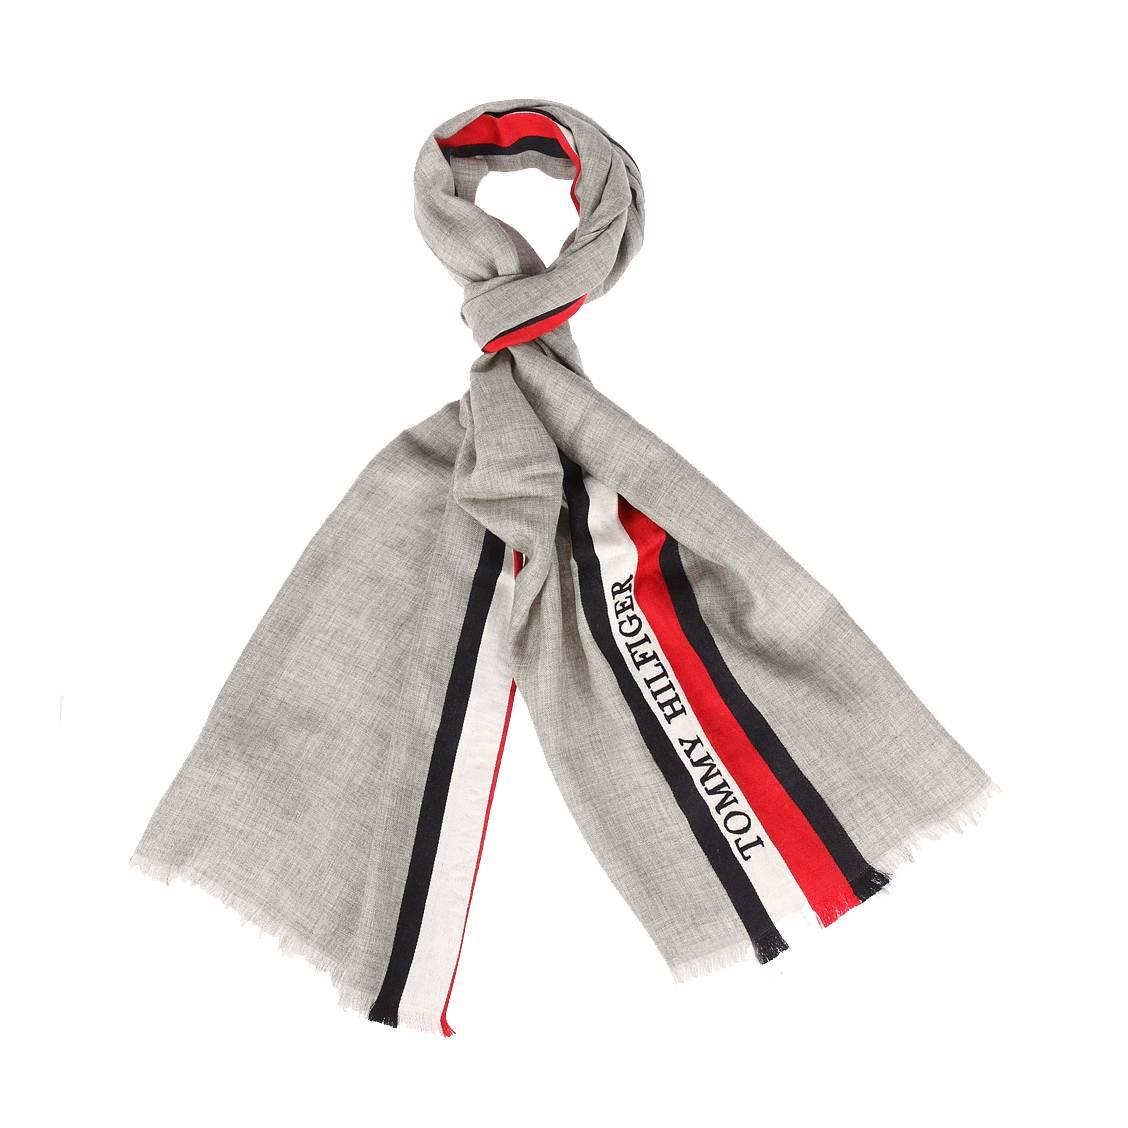 Foulard tommy hilfiger pop corporate stripe en laine mélangée gris chiné